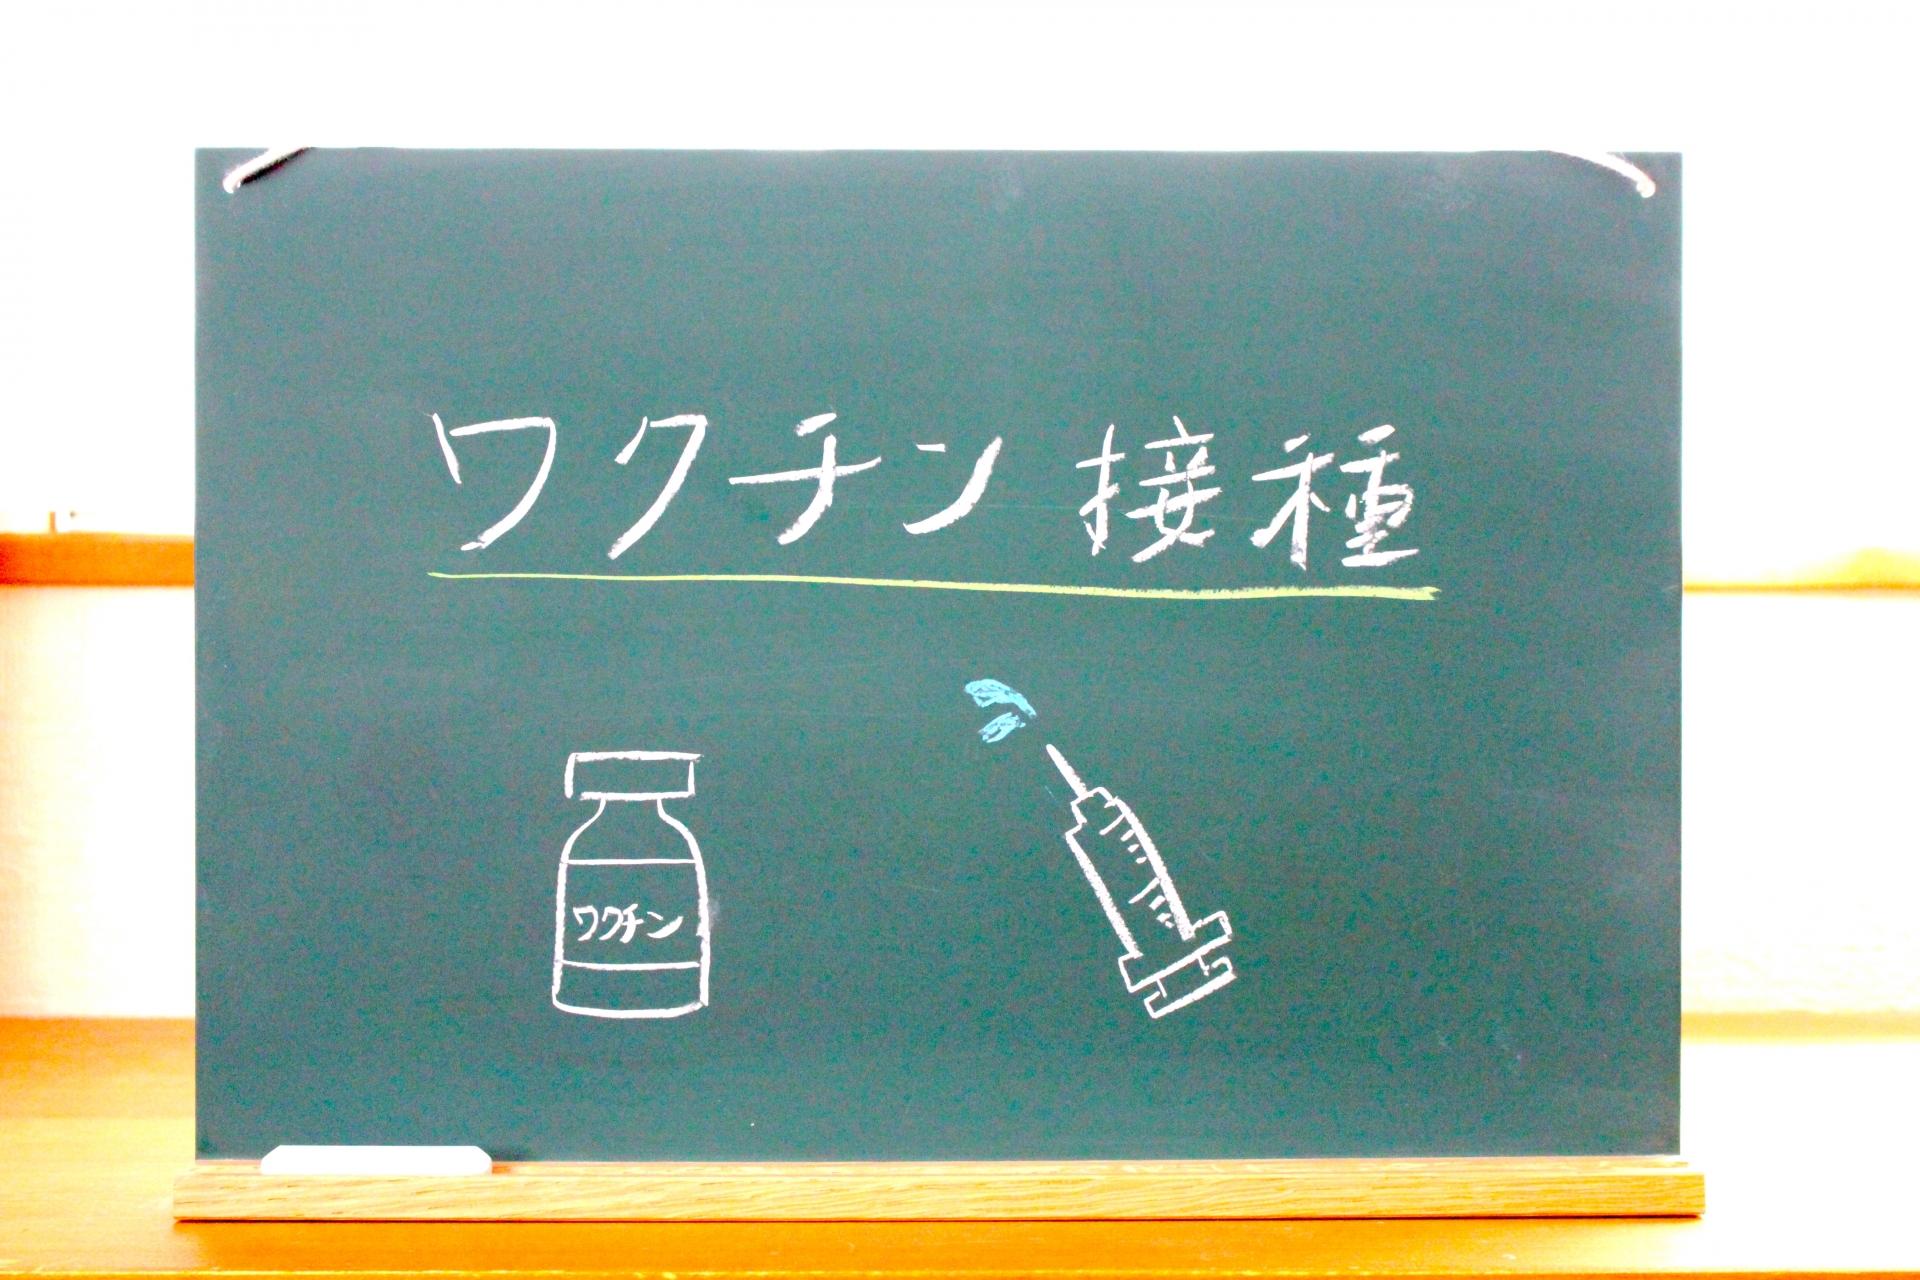 当院でのファイザー製新型コロナワクチン接種予約について